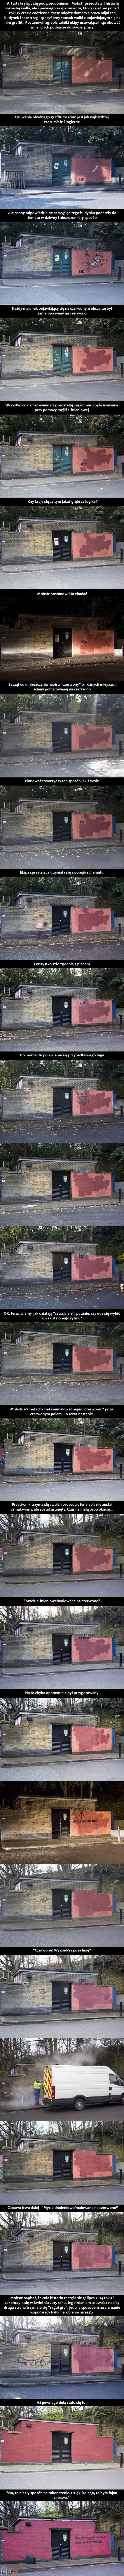 Czyszczenie graffiti. Tanio!